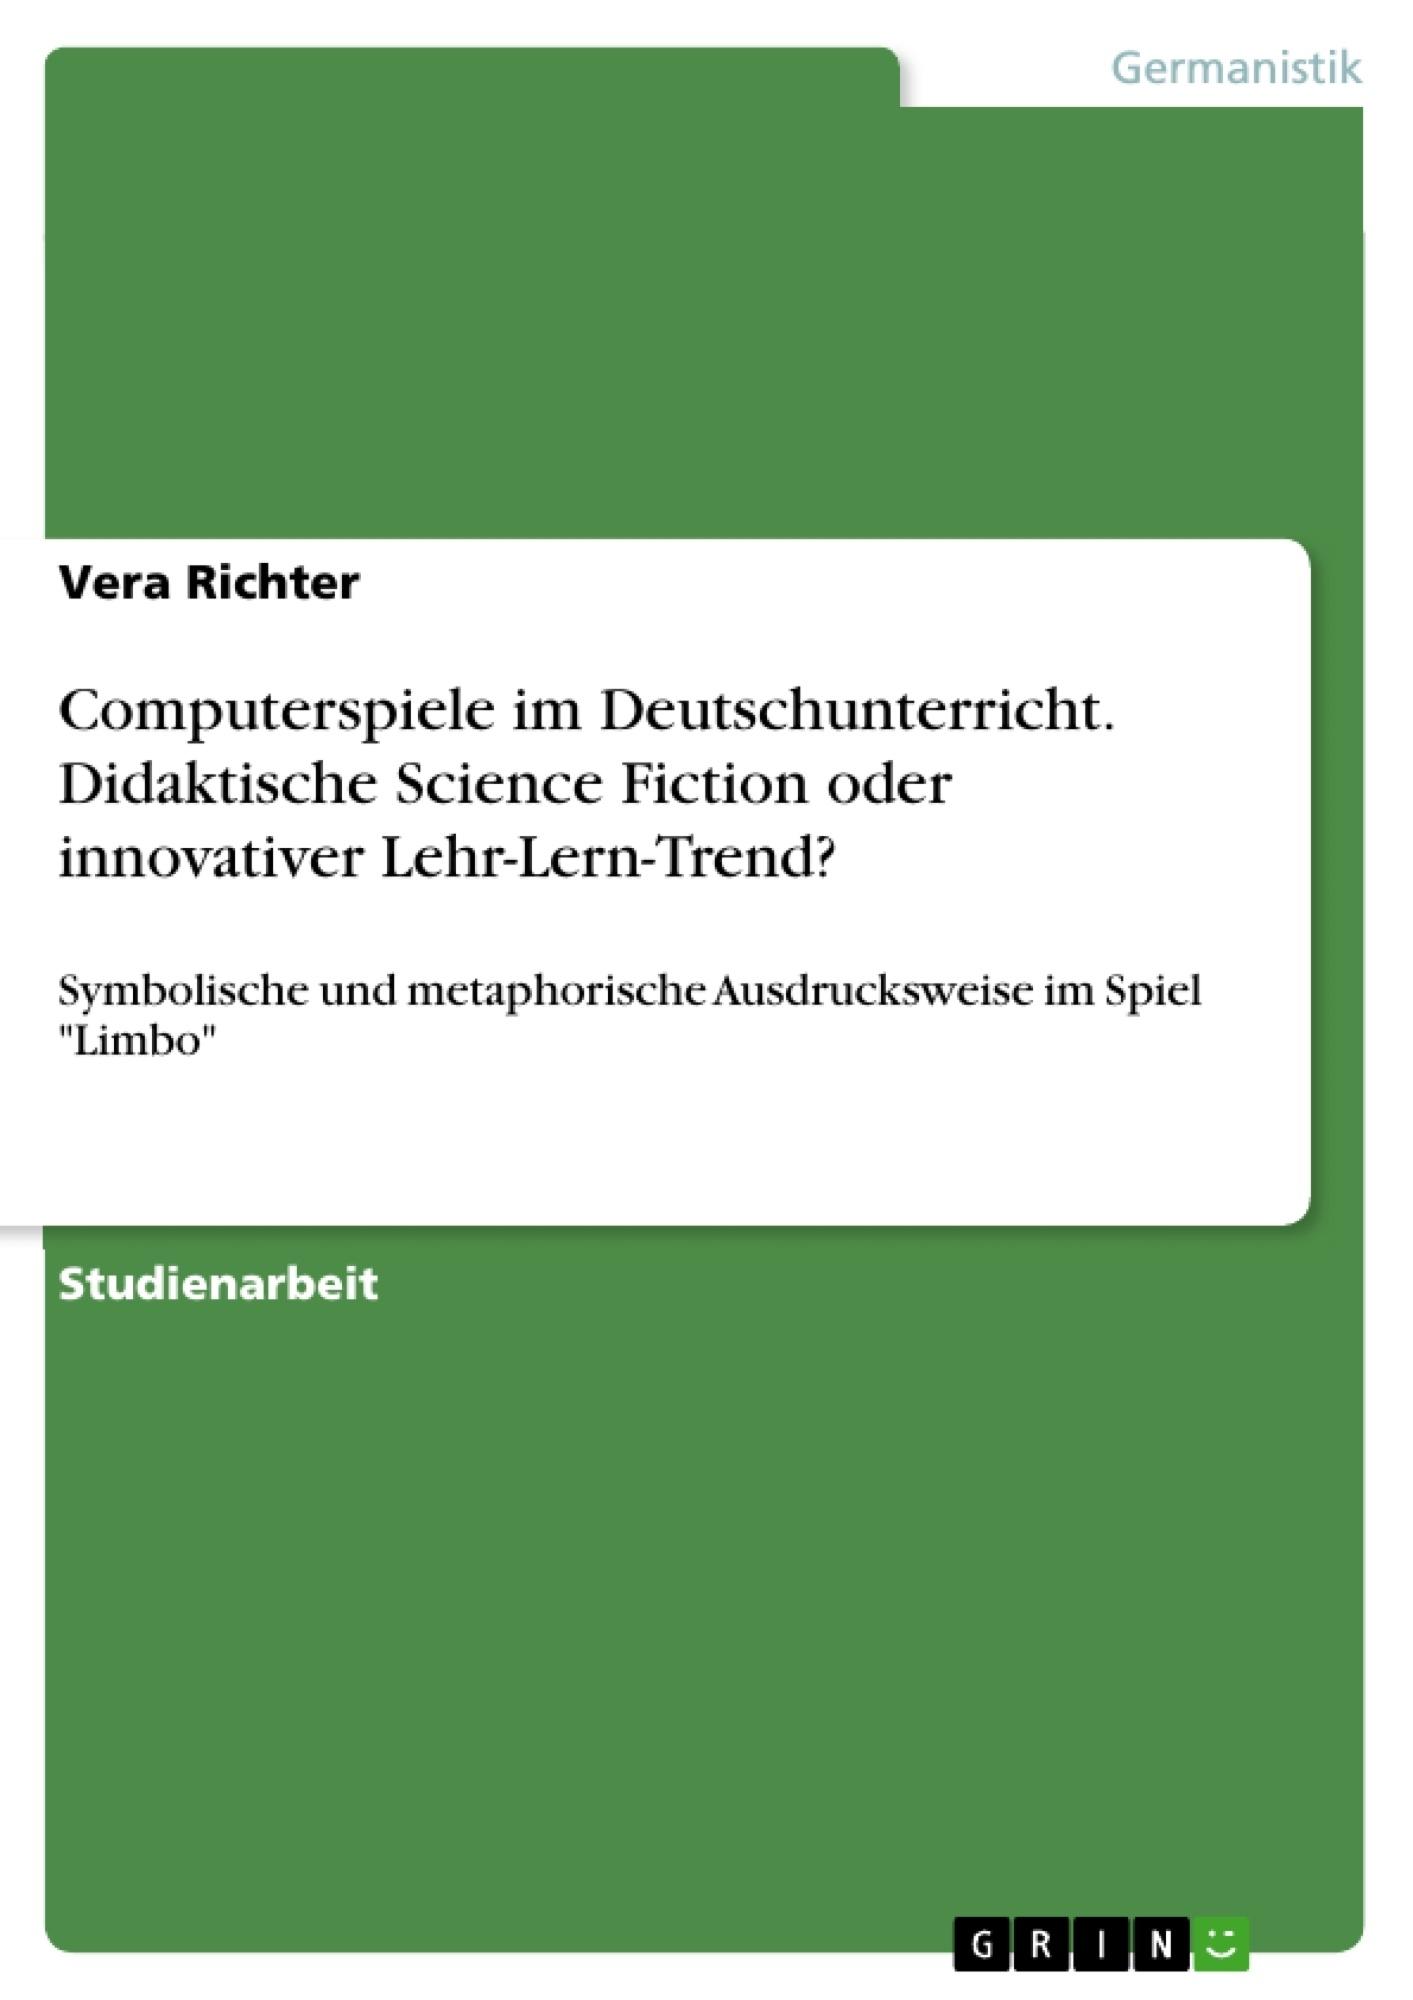 Titel: Computerspiele im Deutschunterricht. Didaktische Science Fiction oder innovativer Lehr-Lern-Trend?